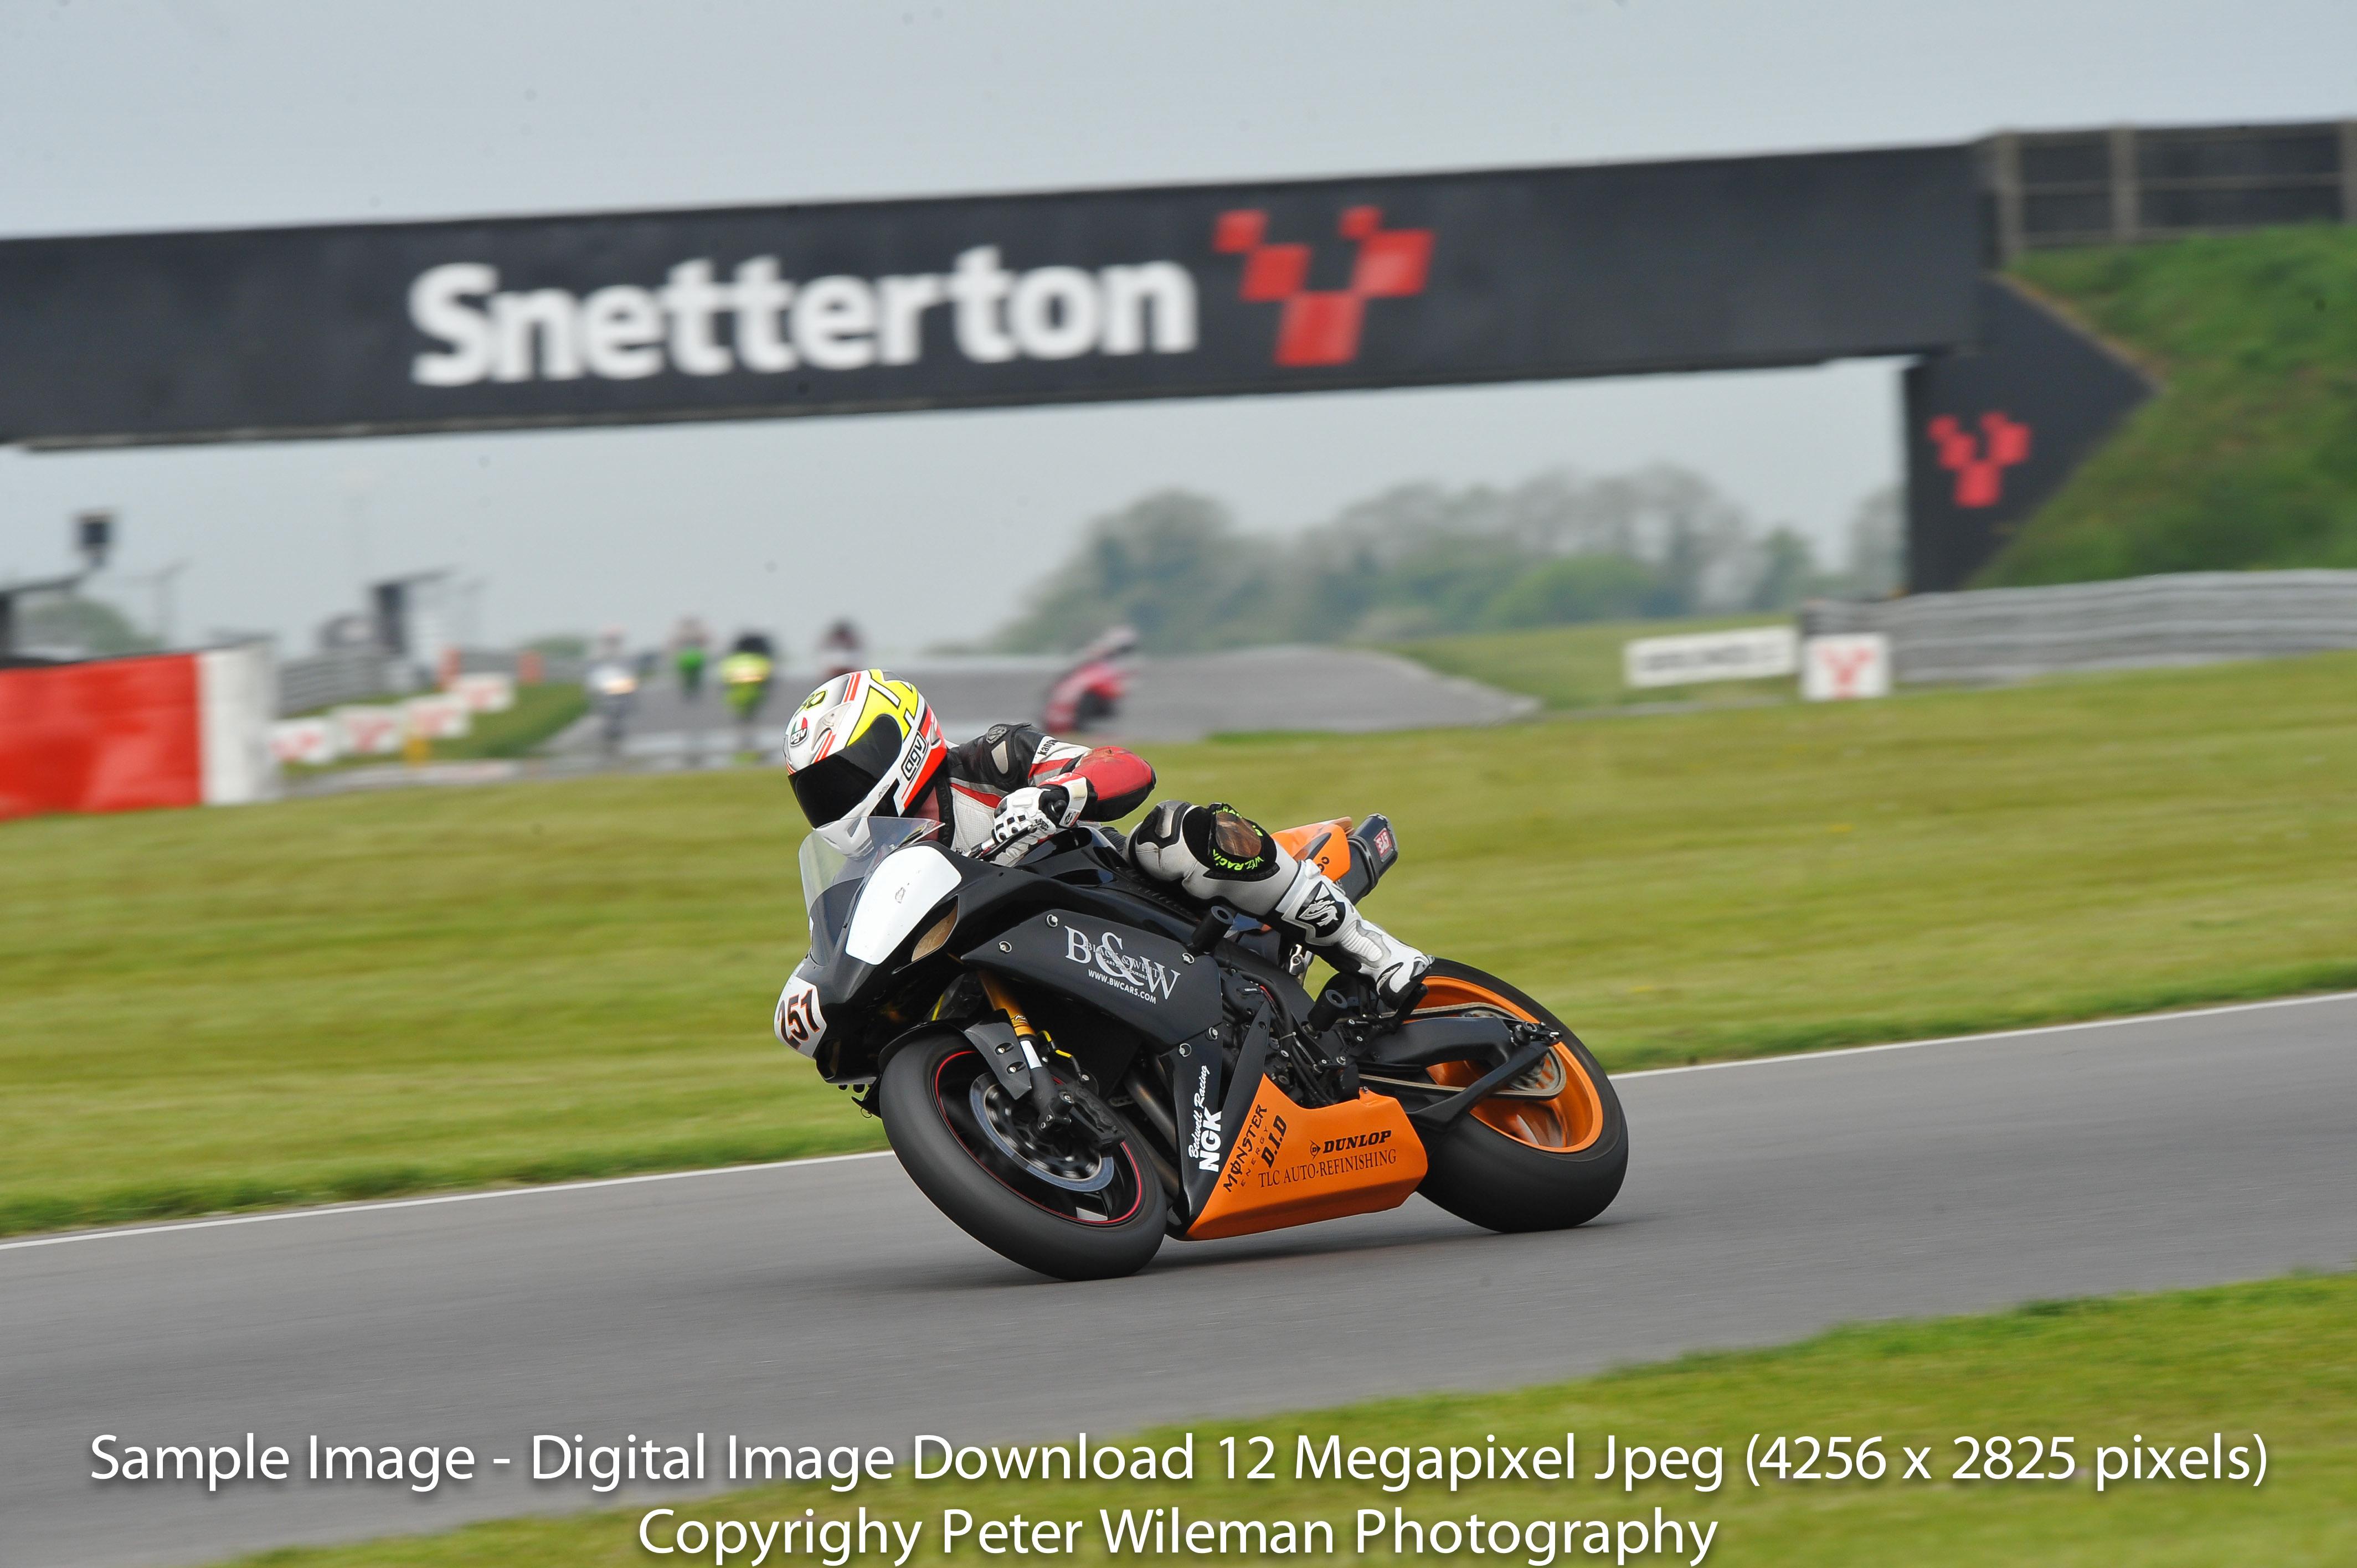 22-05-2012 Snetterton trackday photographs